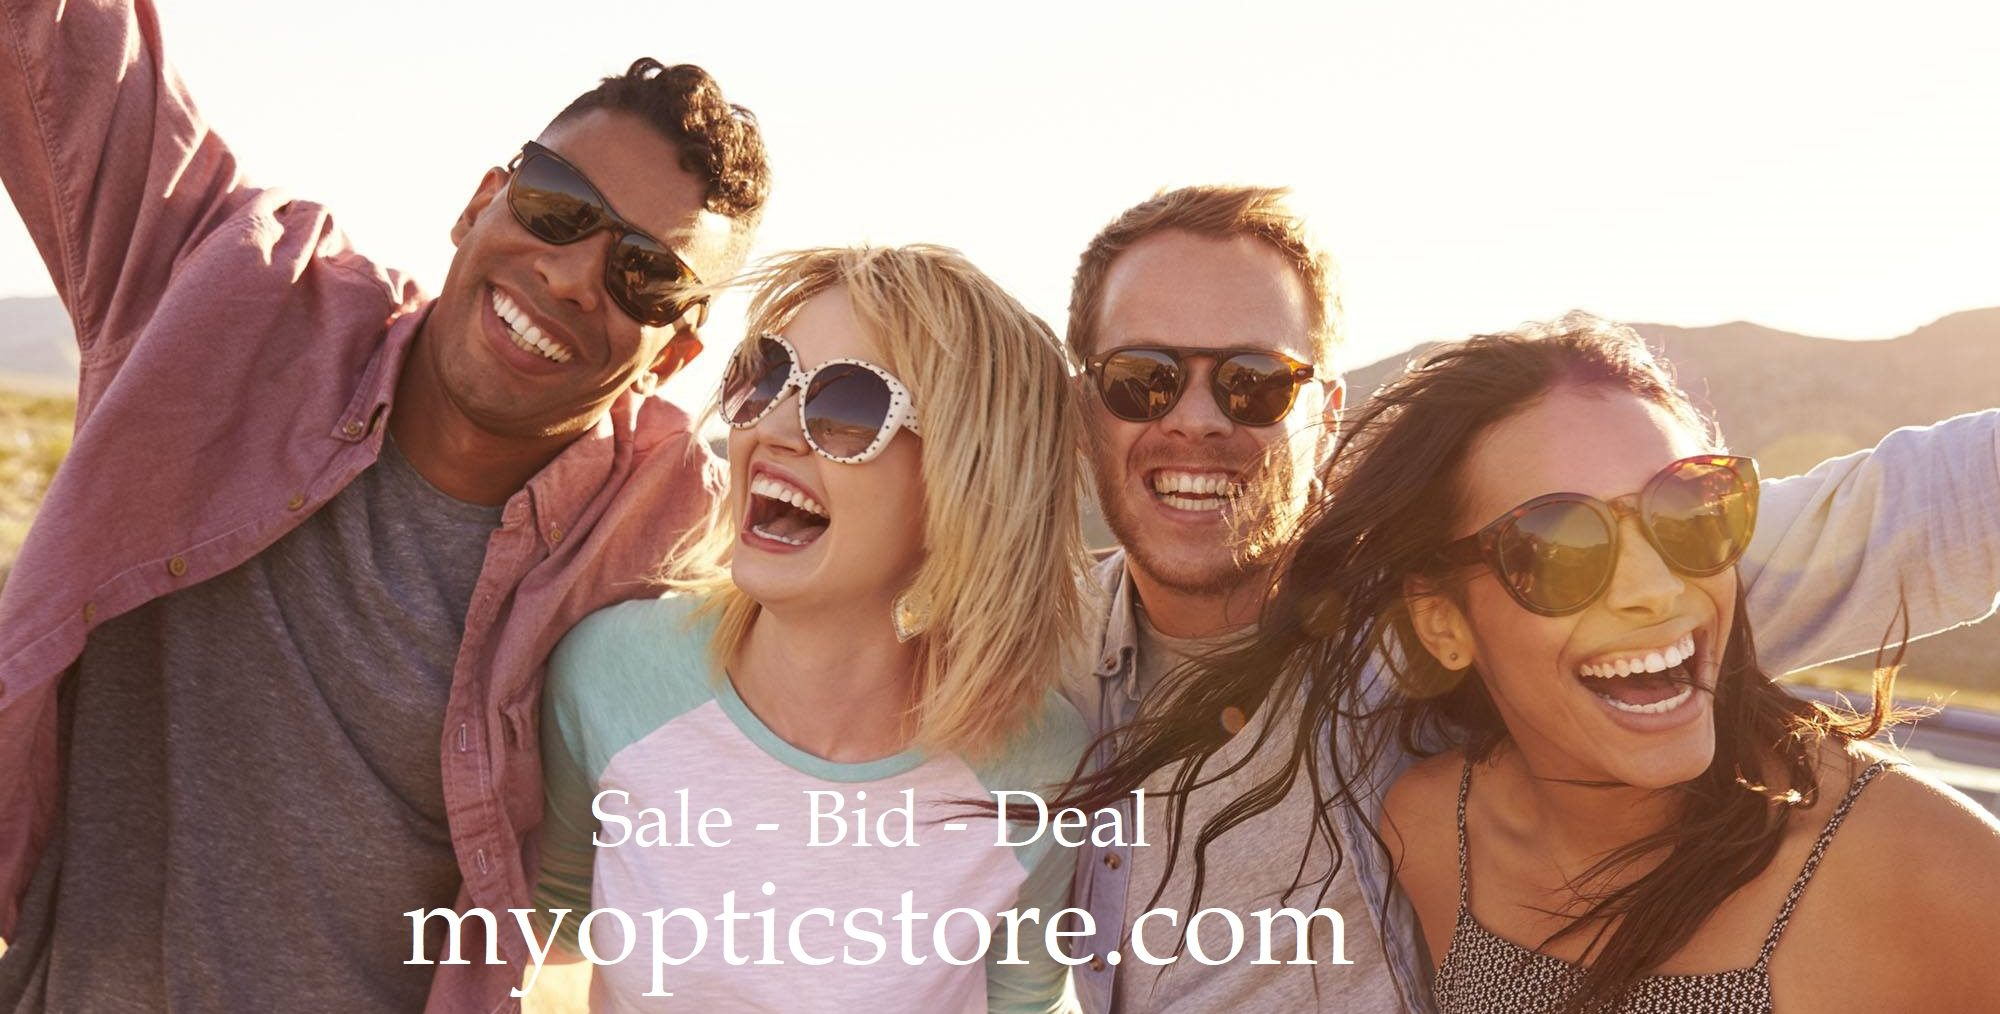 myopticstore.com